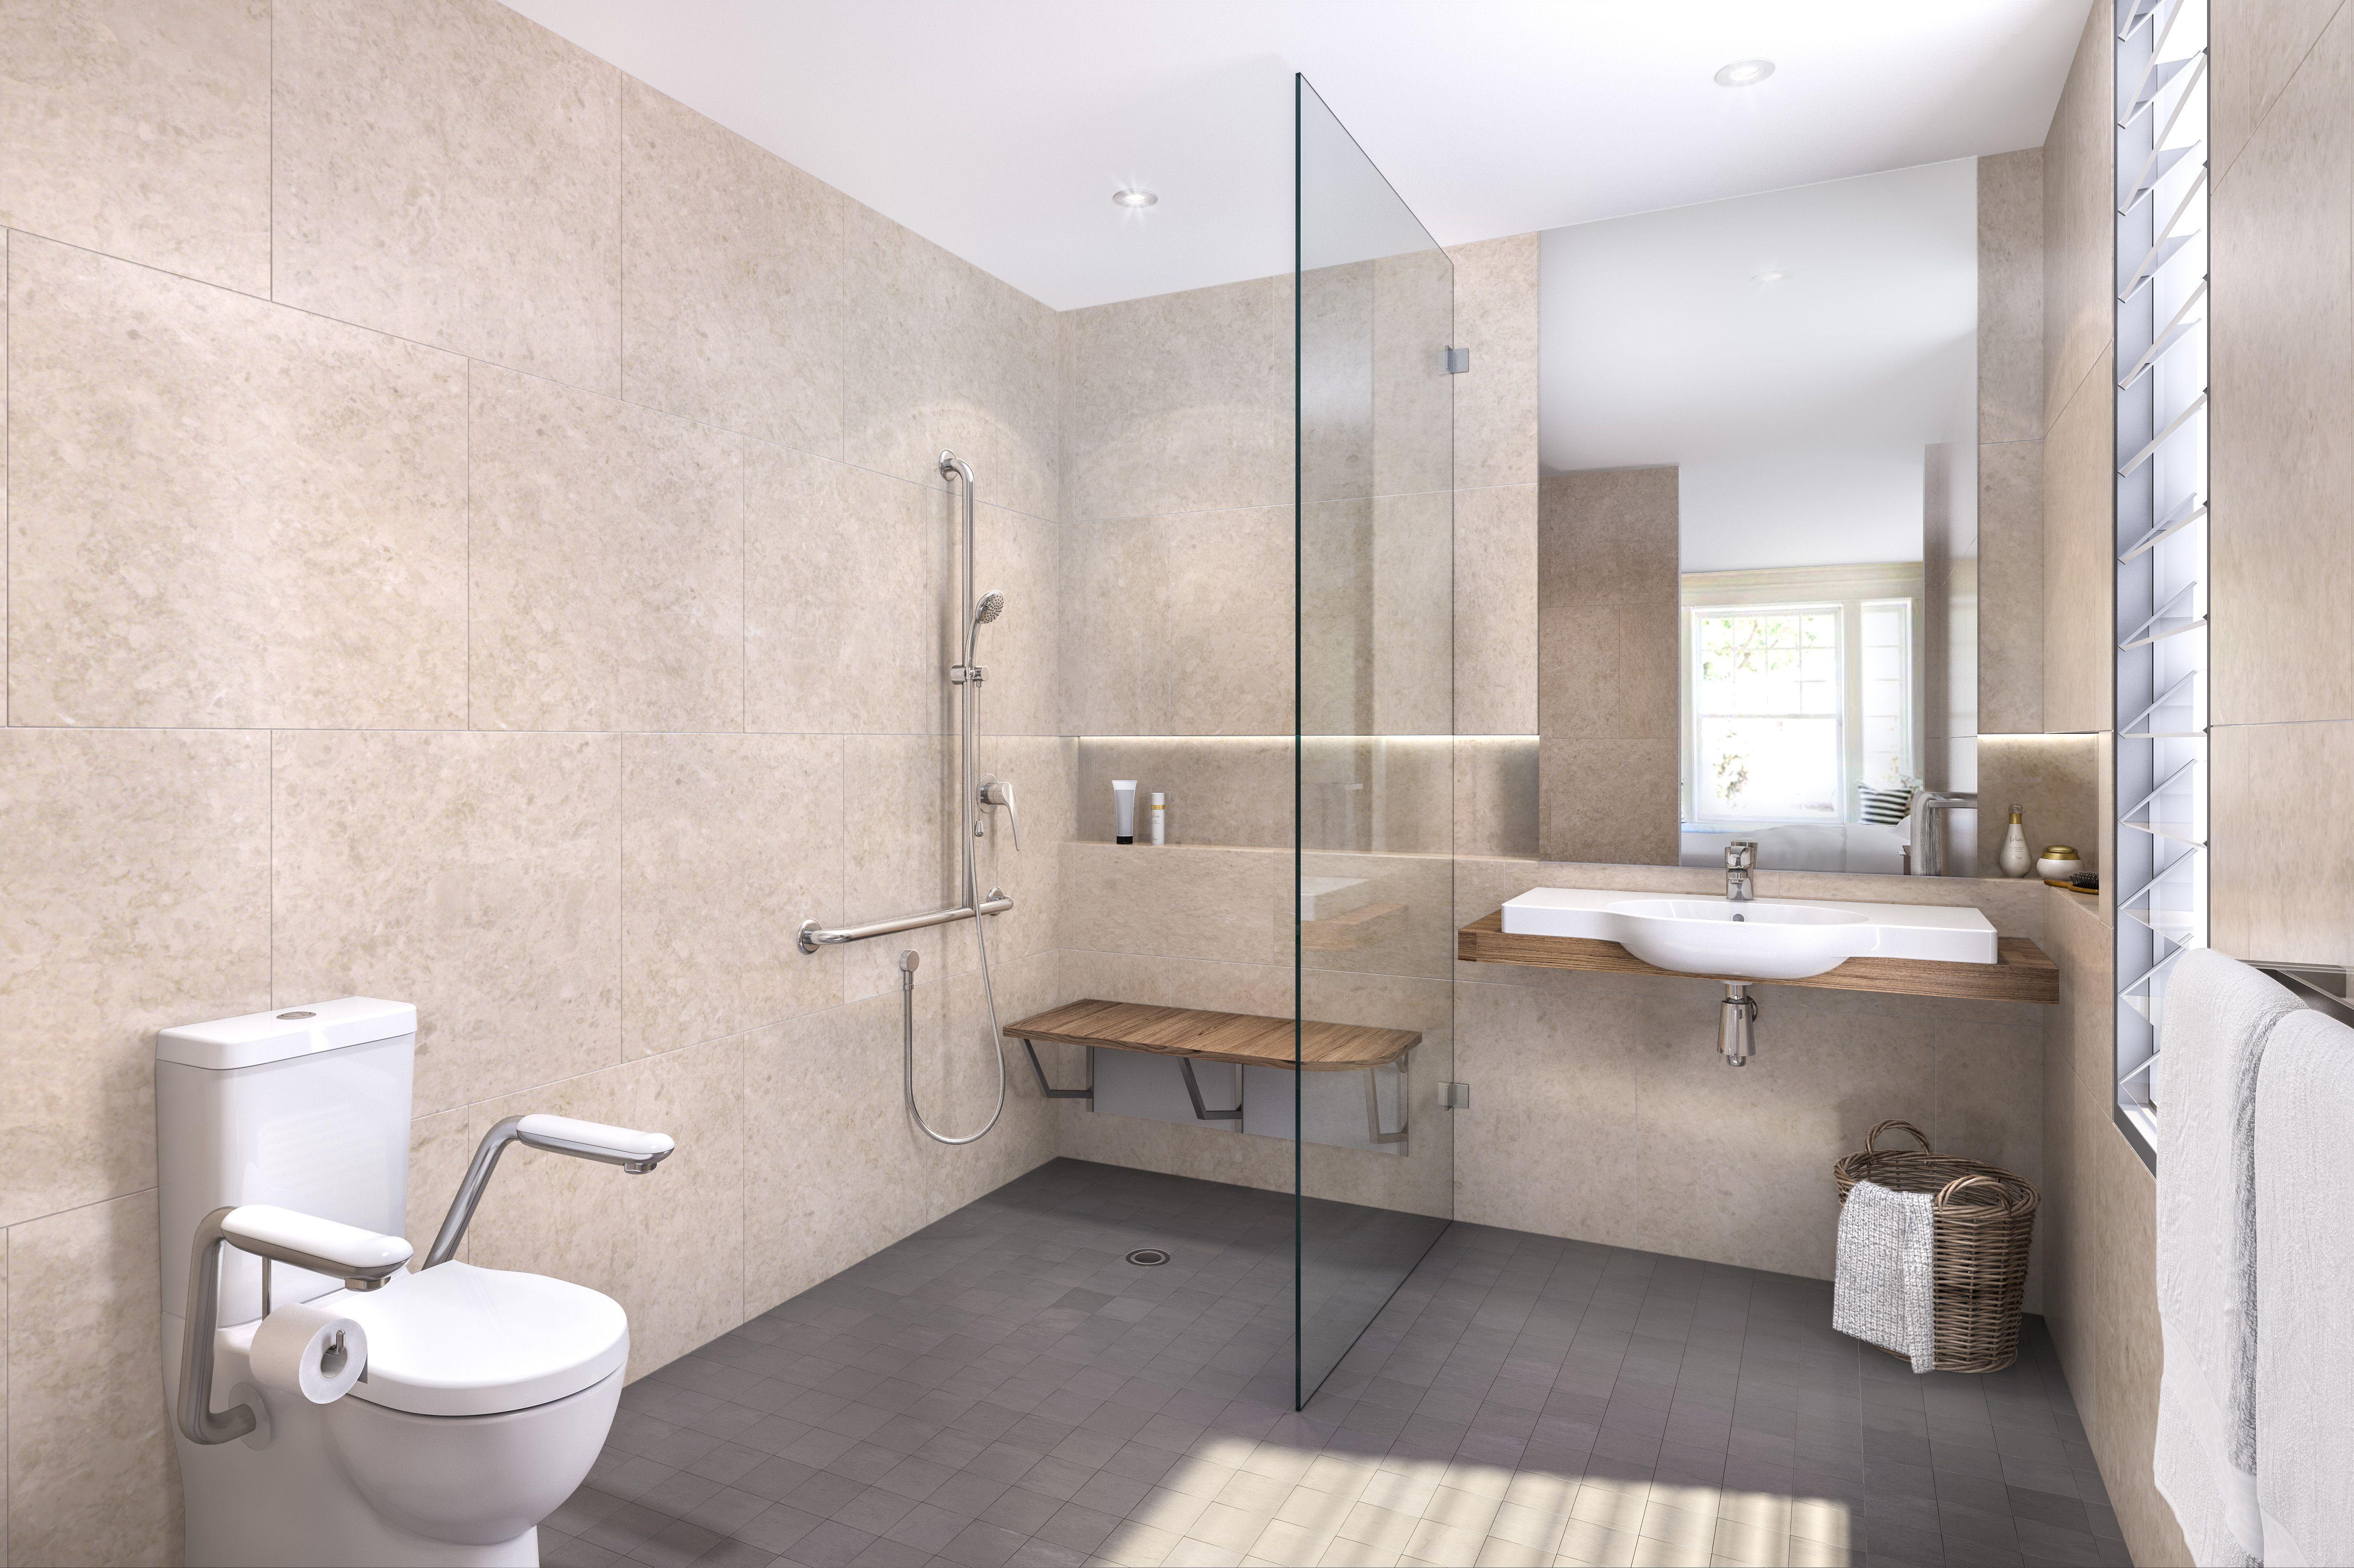 Caroma Aged Care Bathroom | Beautiful bathroom cabinets ...